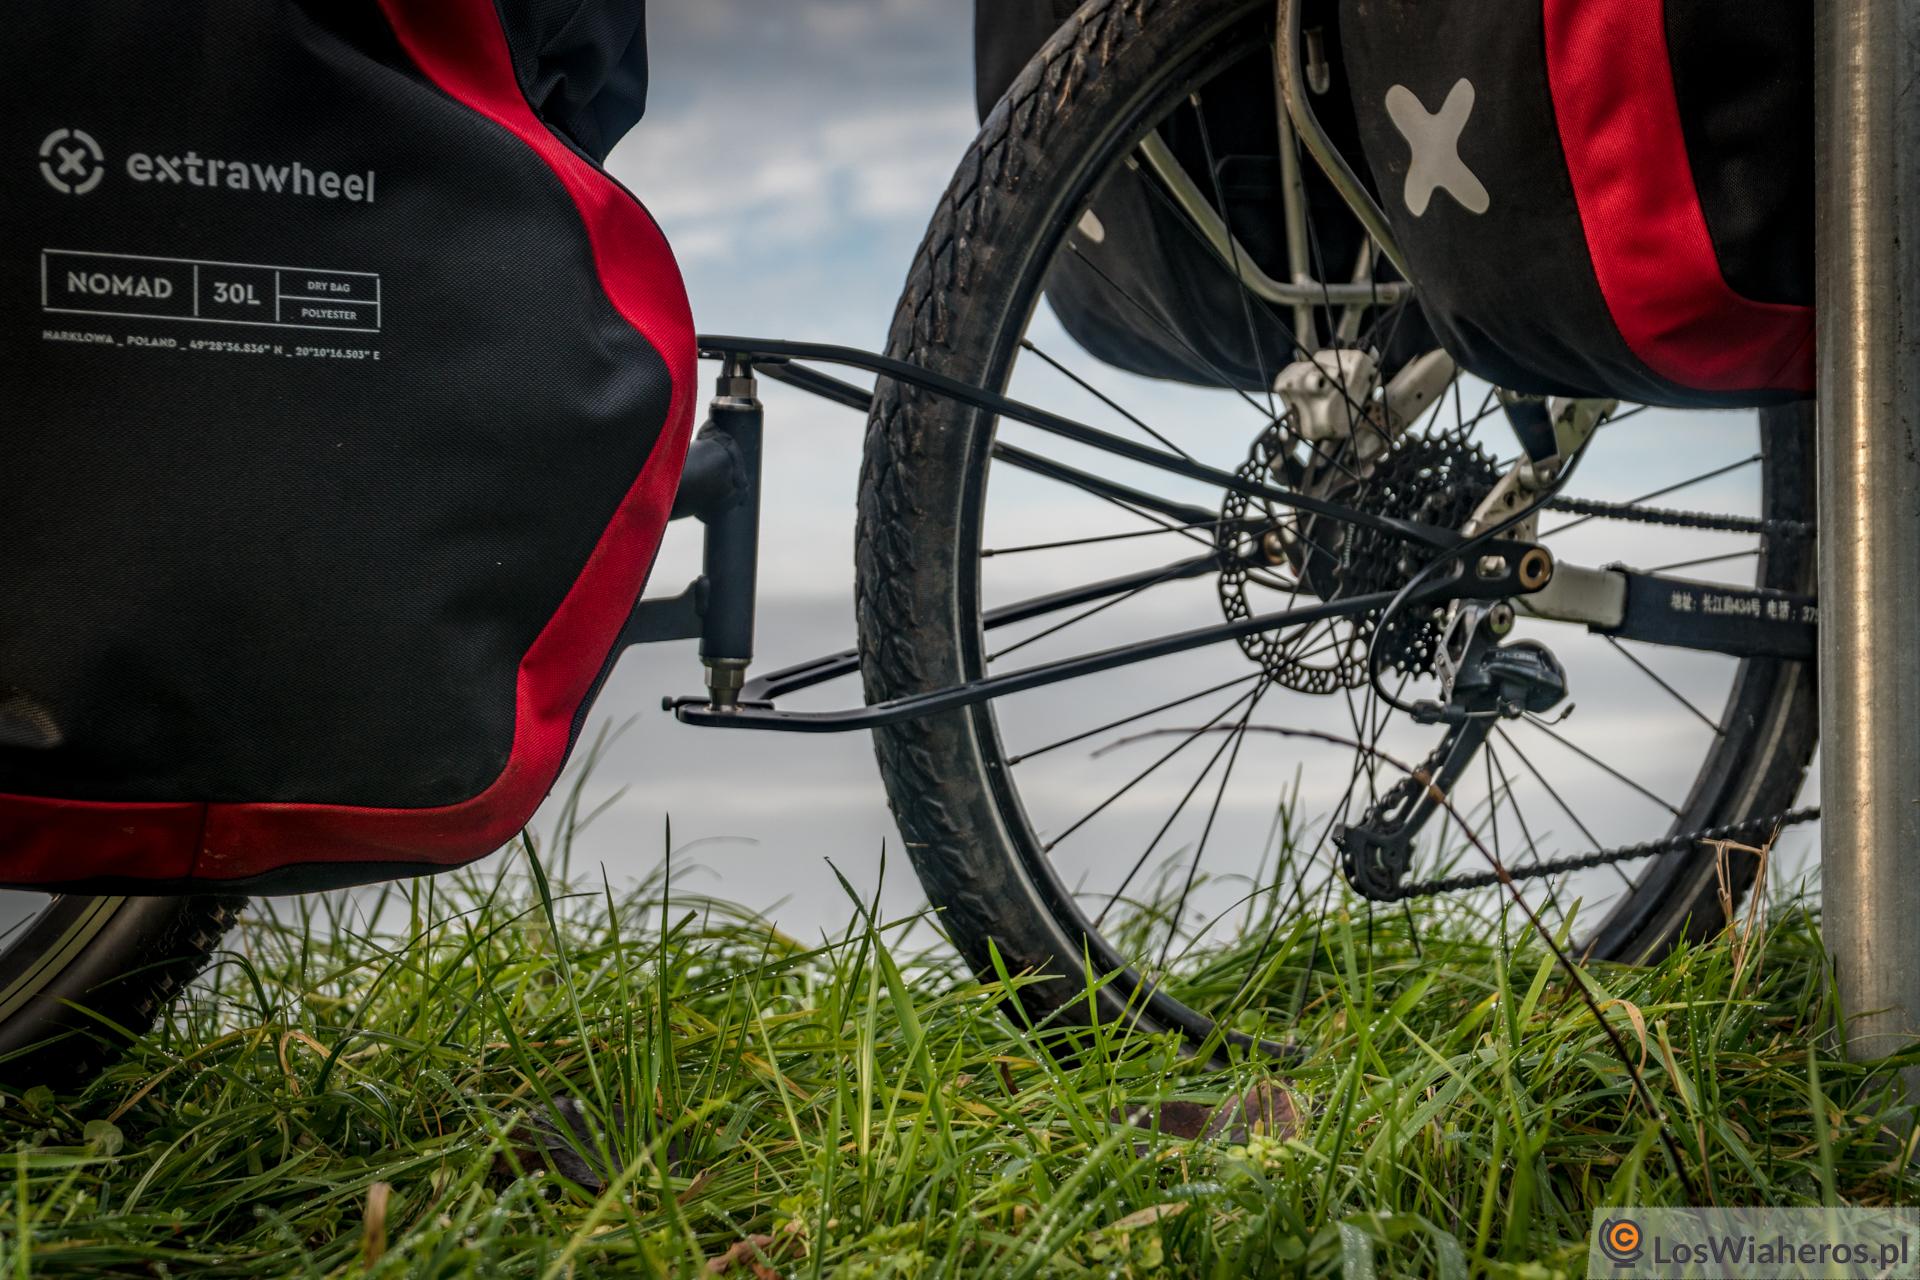 Autorski dyszel Extrawheel, któryłączy przyczepkę rowerową zwidelcem roweru.